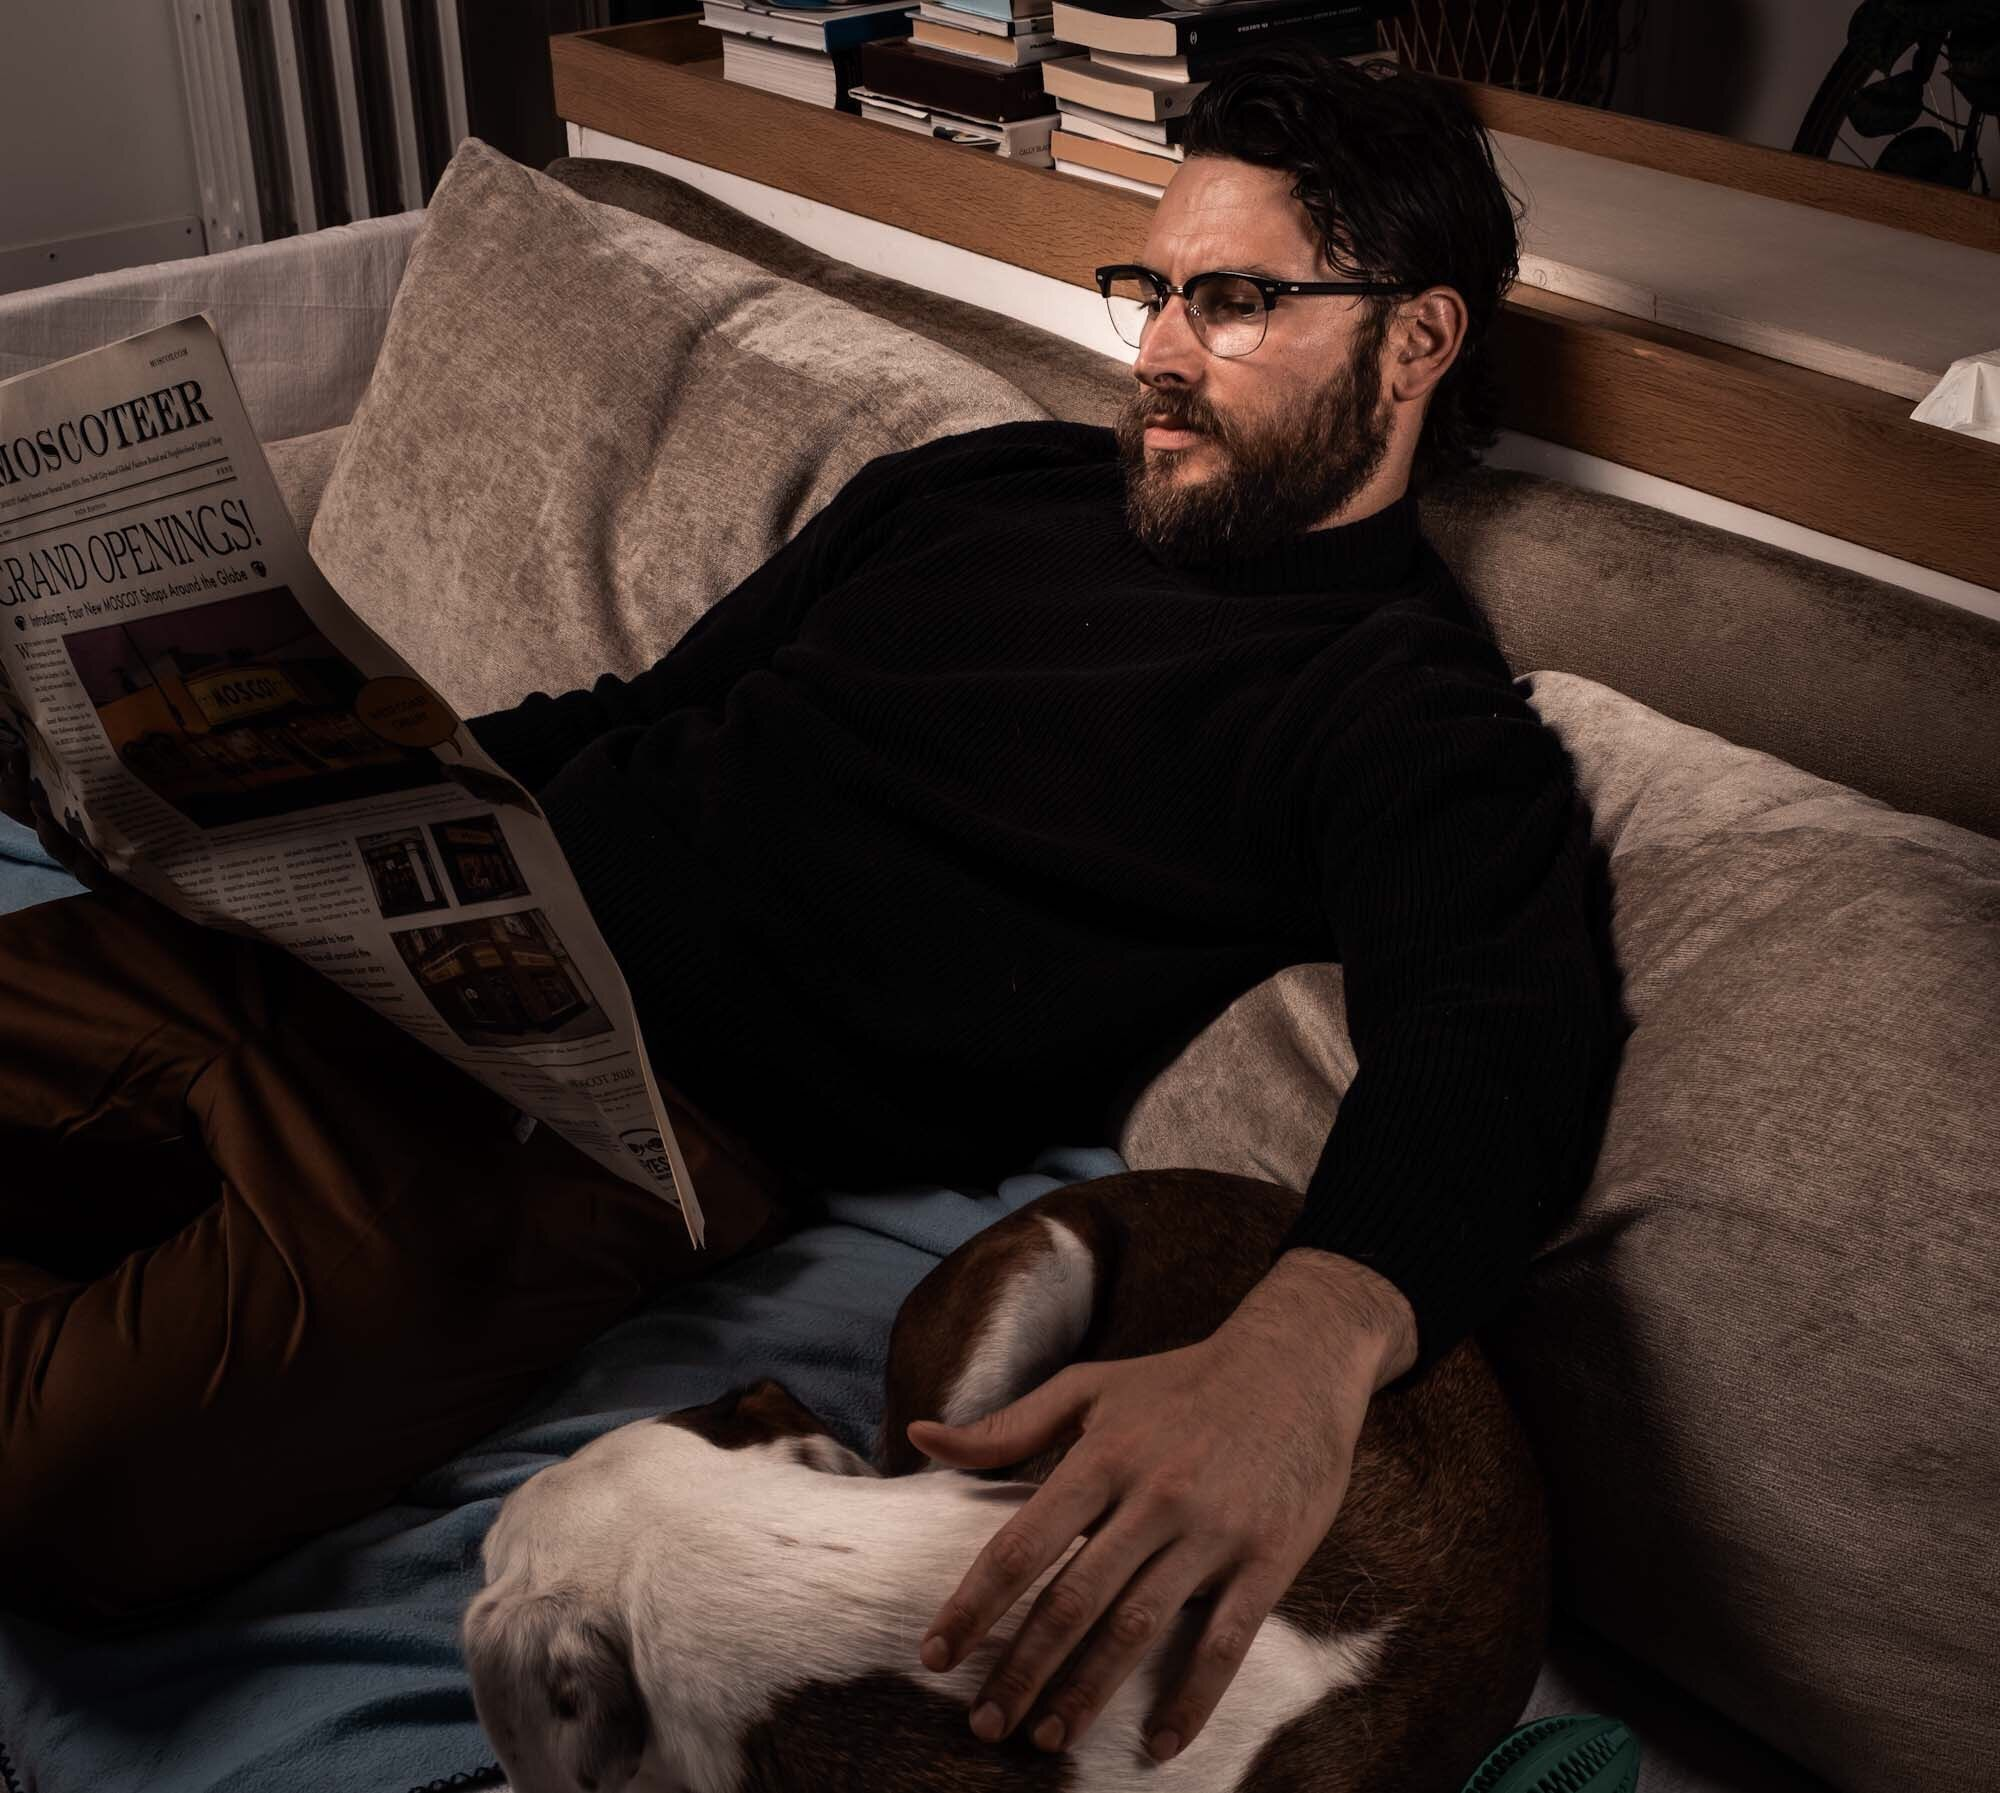 Chi è Ernesto D'Argenio, il ricercatore Lamberti nel biopic Rita Levi Montalcini in onda su Rai Uno